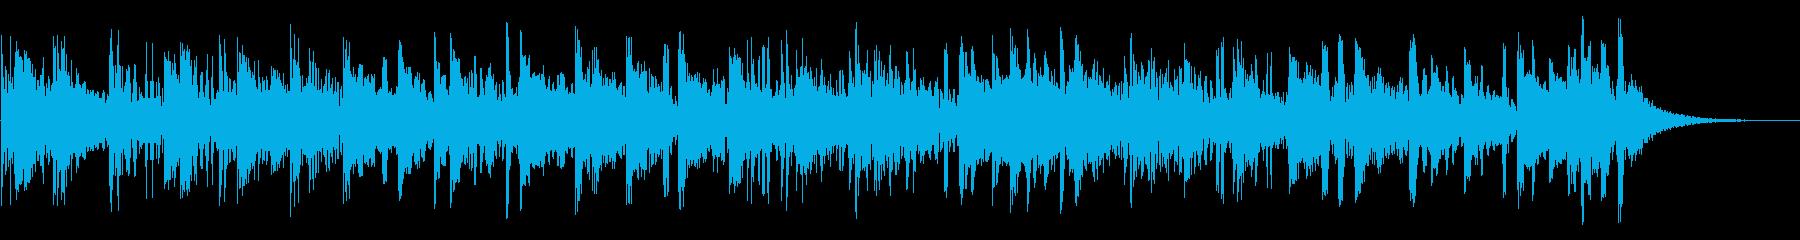 ワイルドドラム、漫画コメディパーカ...の再生済みの波形